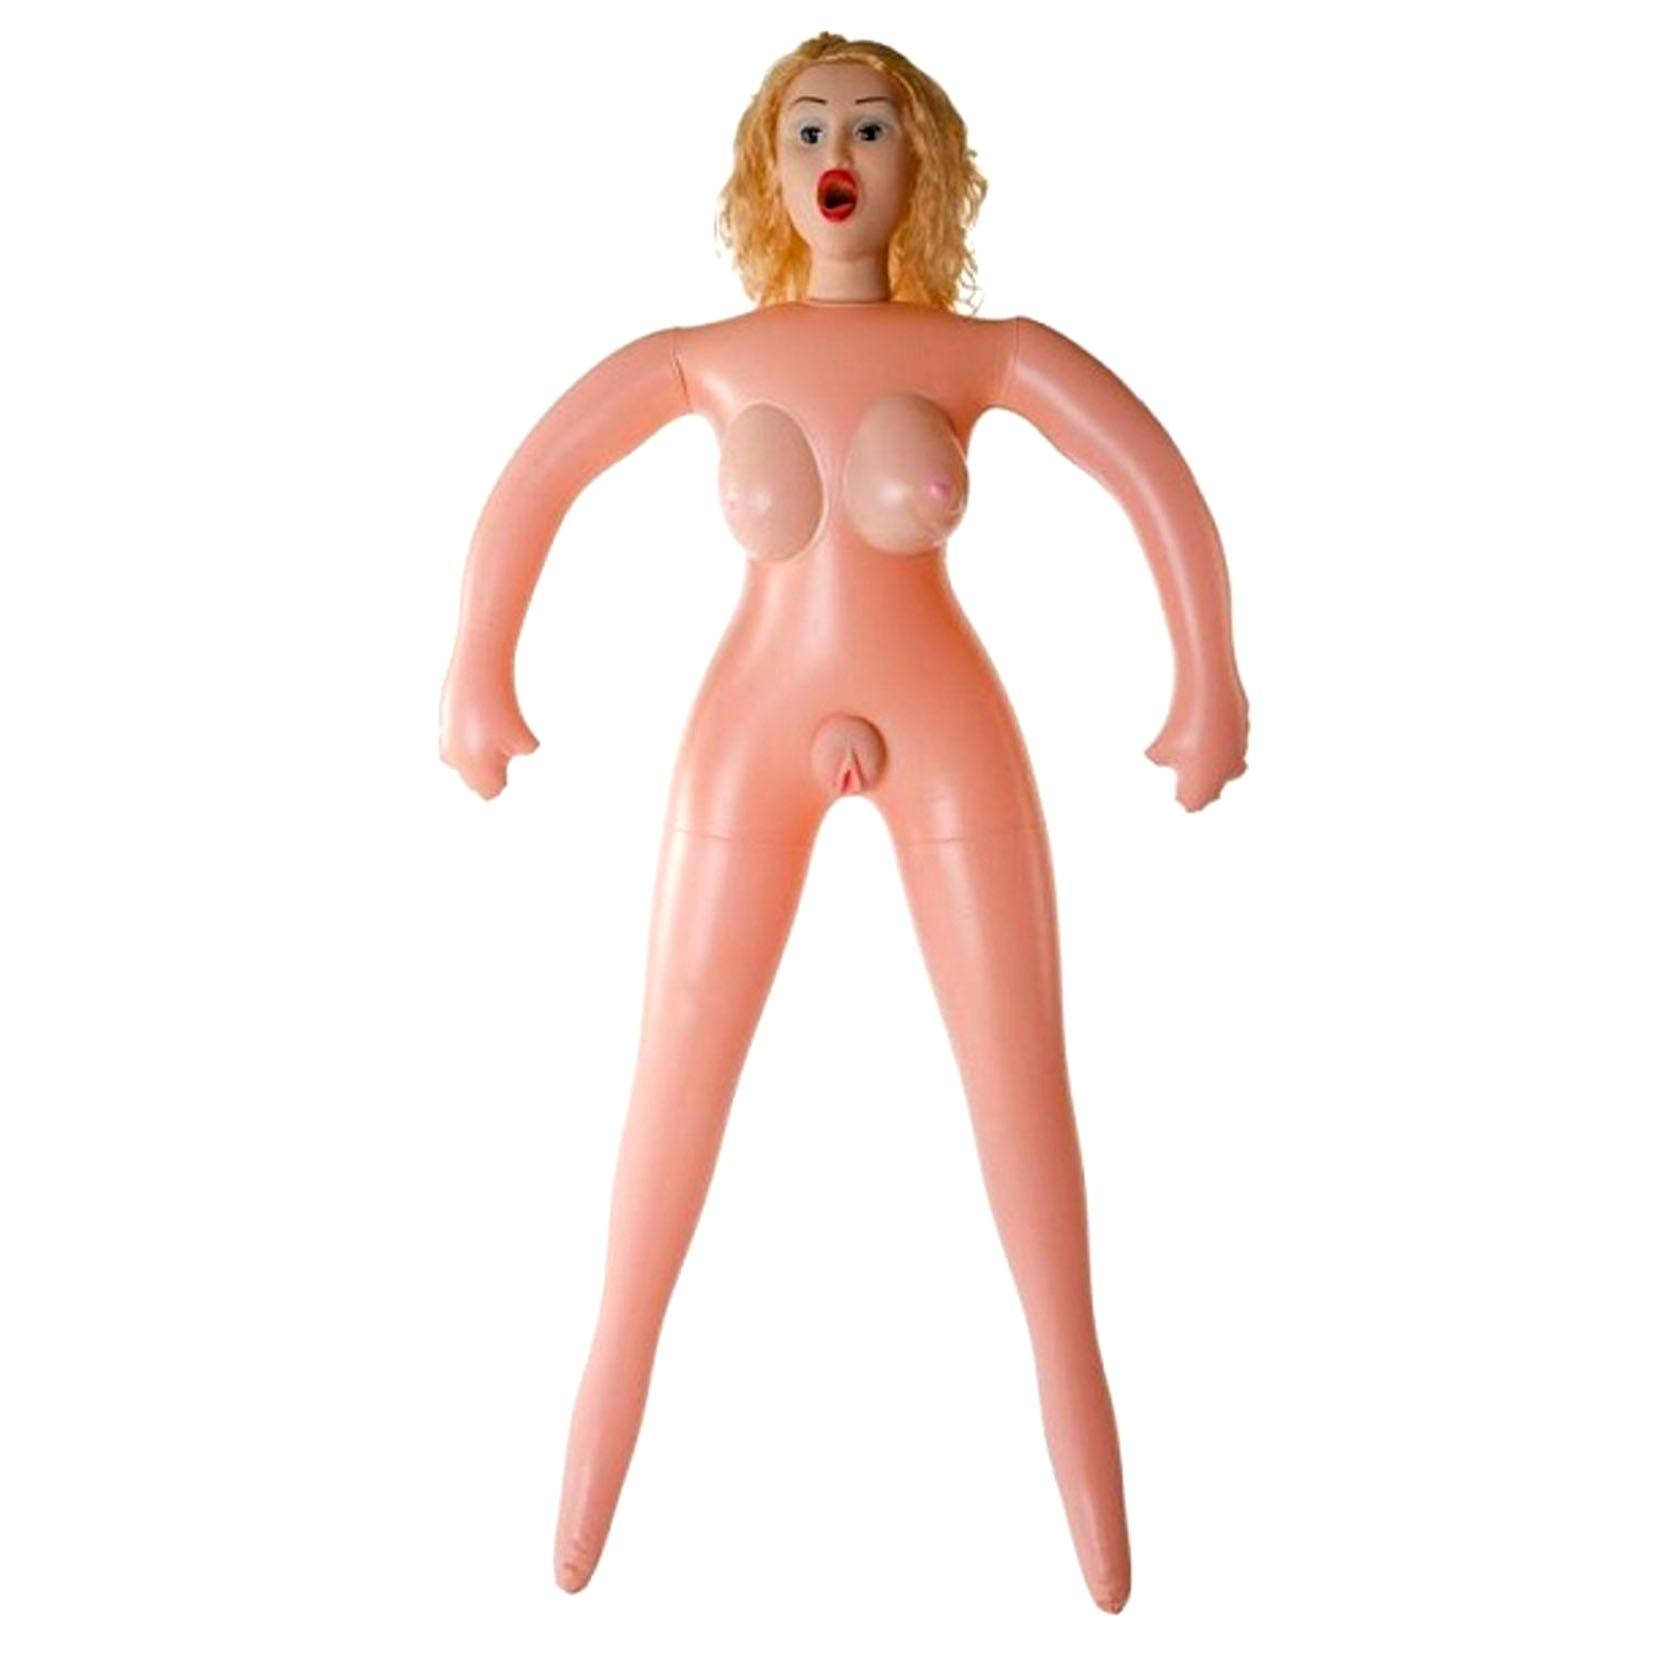 Секс фото с молодыми, голые молодые девушки